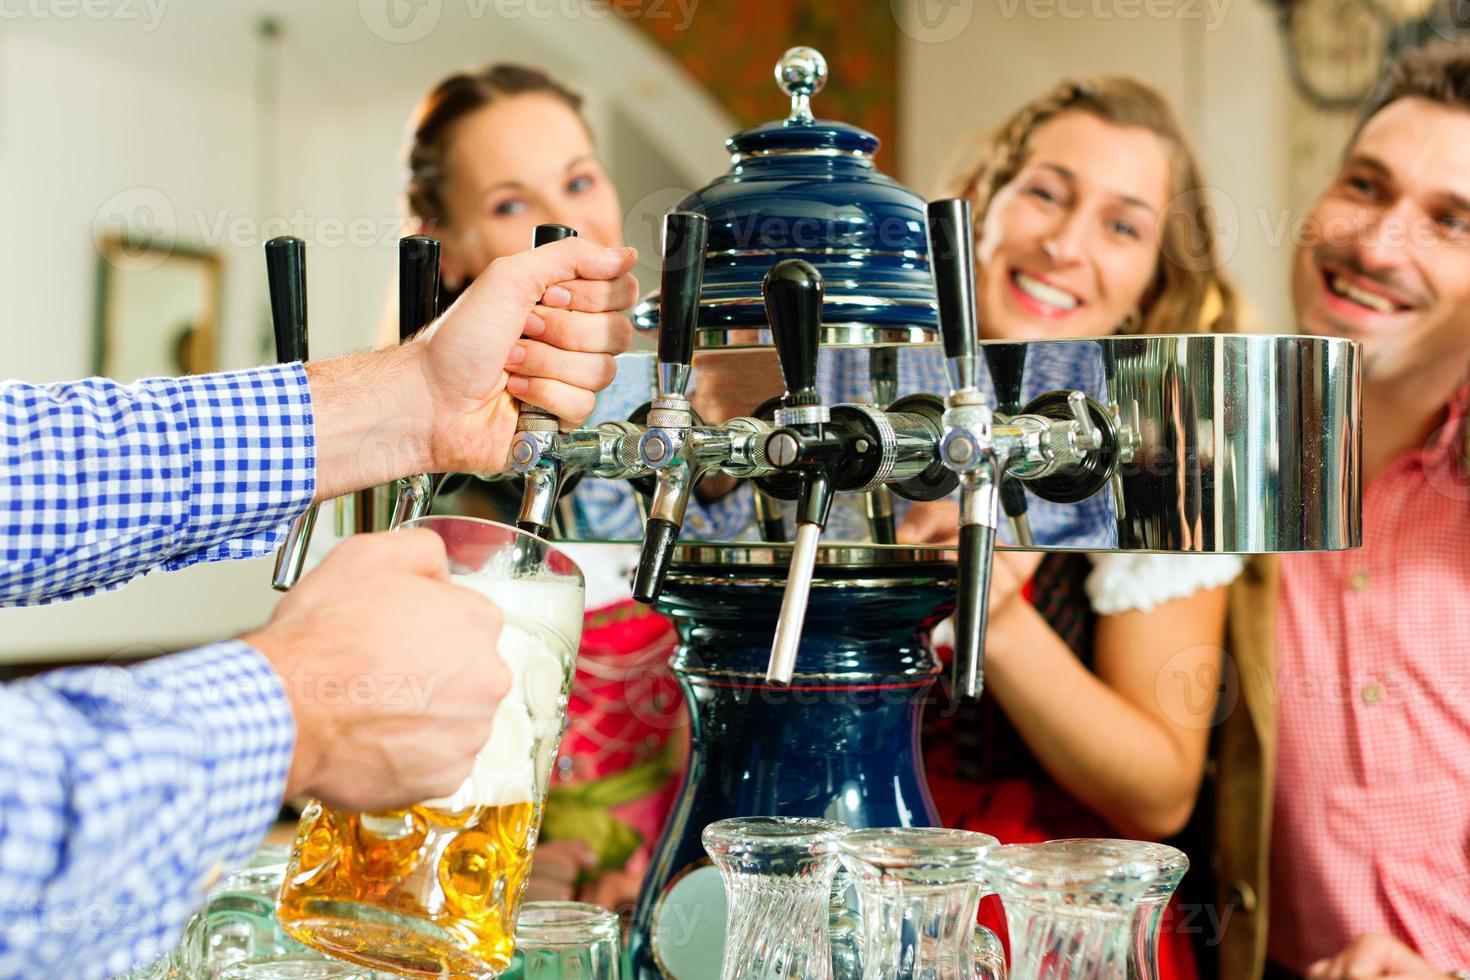 man bier puttend uit de kraan in Beierse pub foto